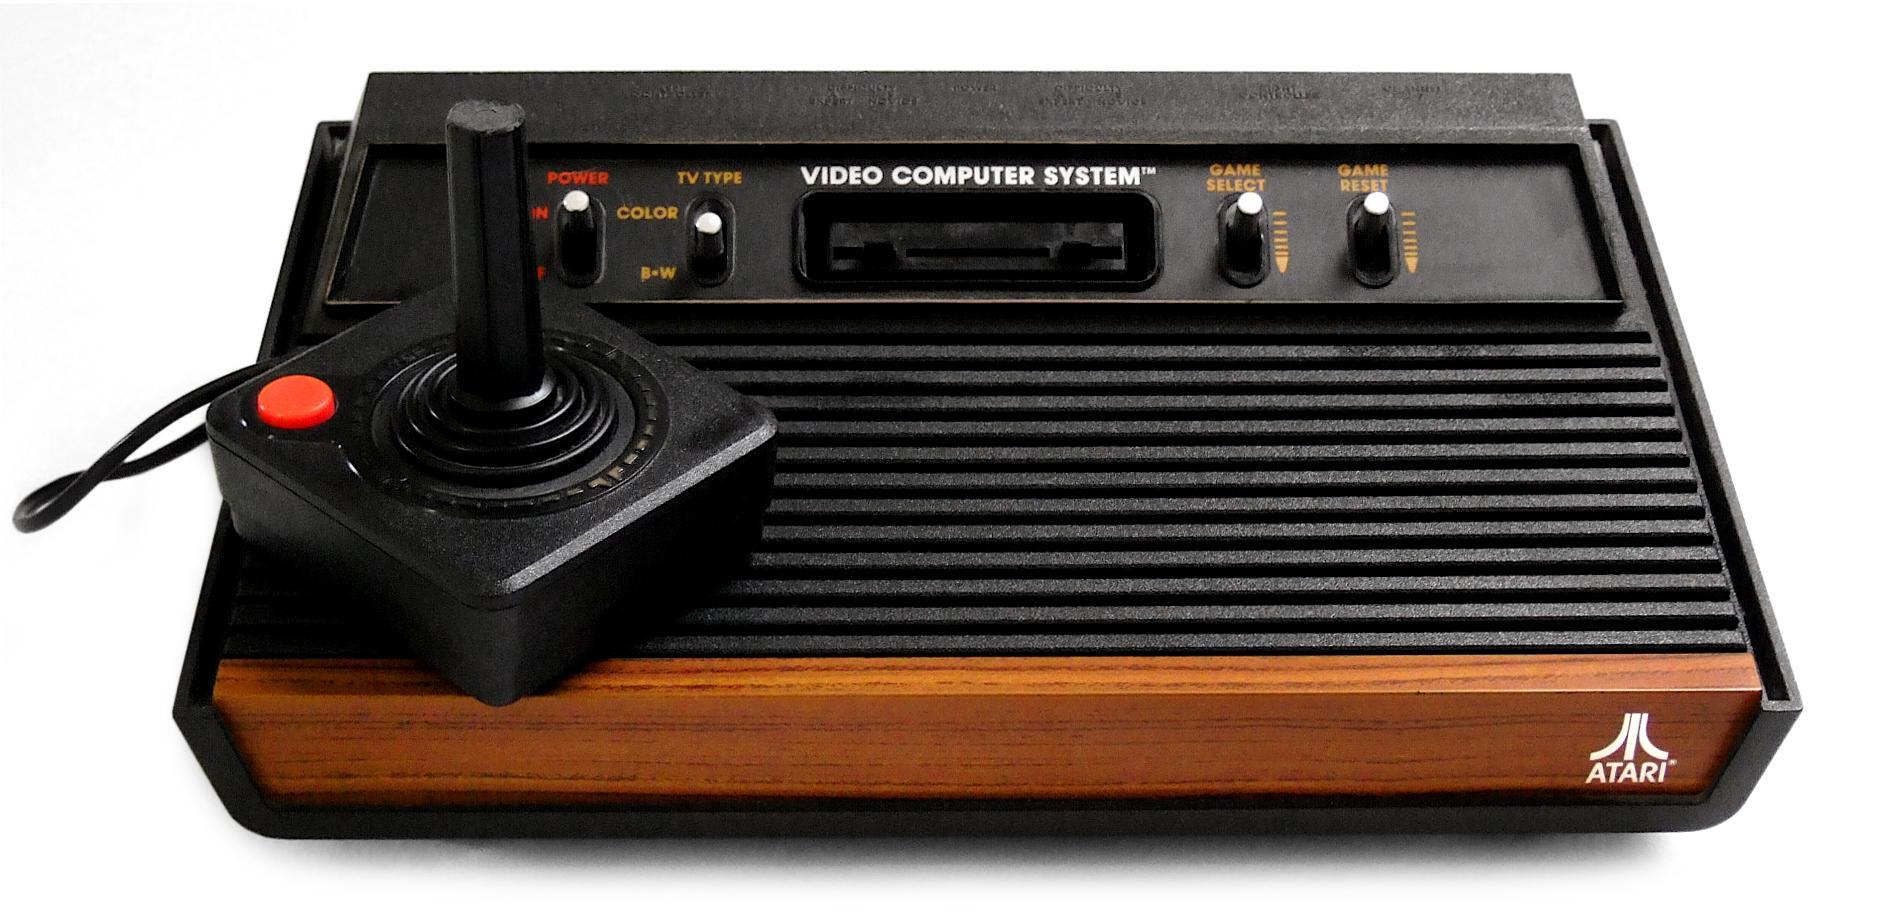 Quem sonha com X-box não sabe o que é um Atari (Foto: Divulgação)